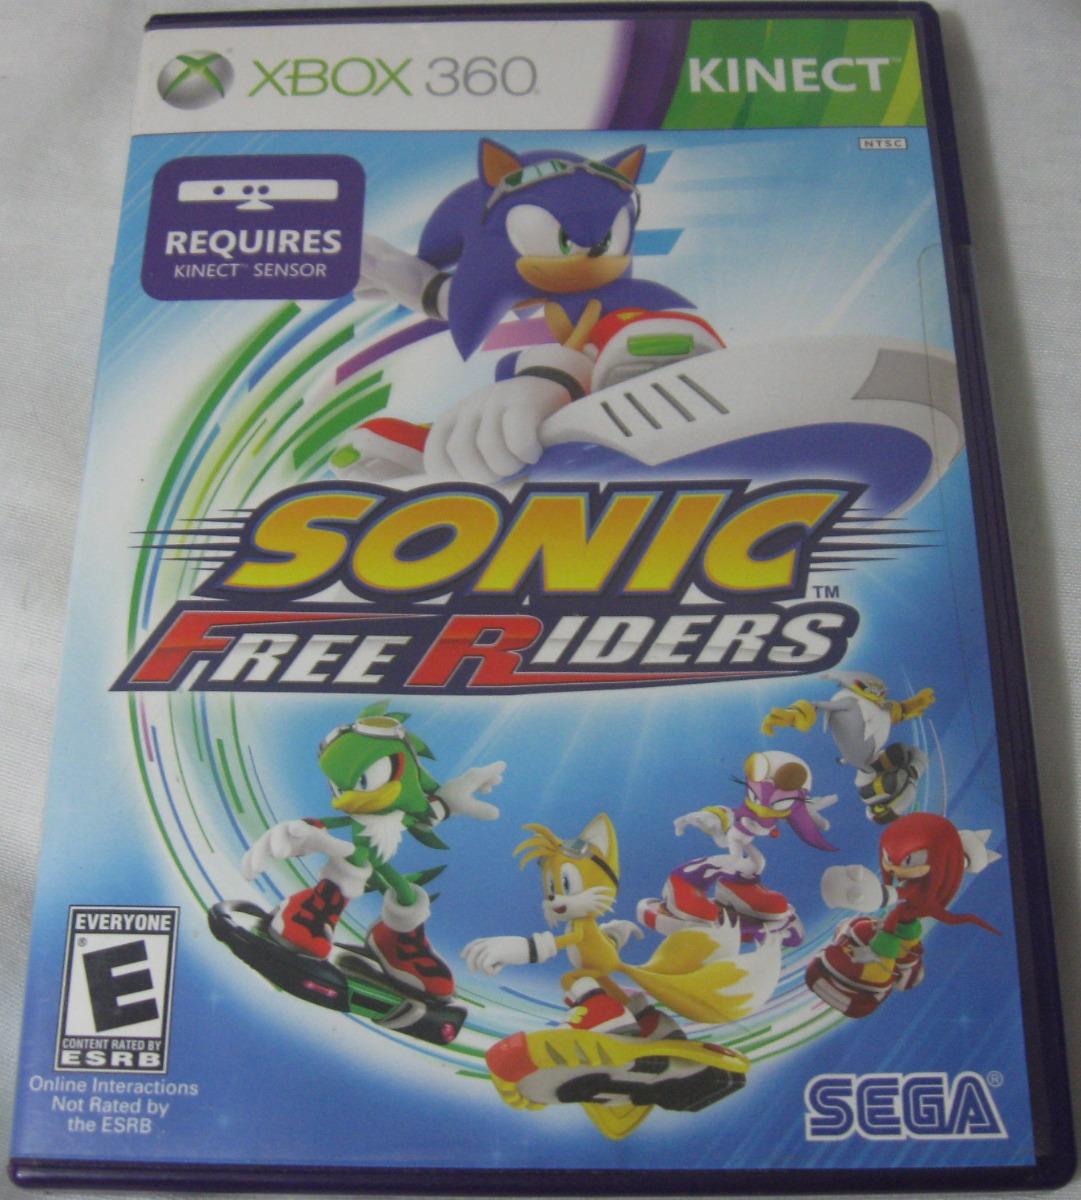 Juego Para Kinect De Xbox 360 Sonic Free Riders Original Bs